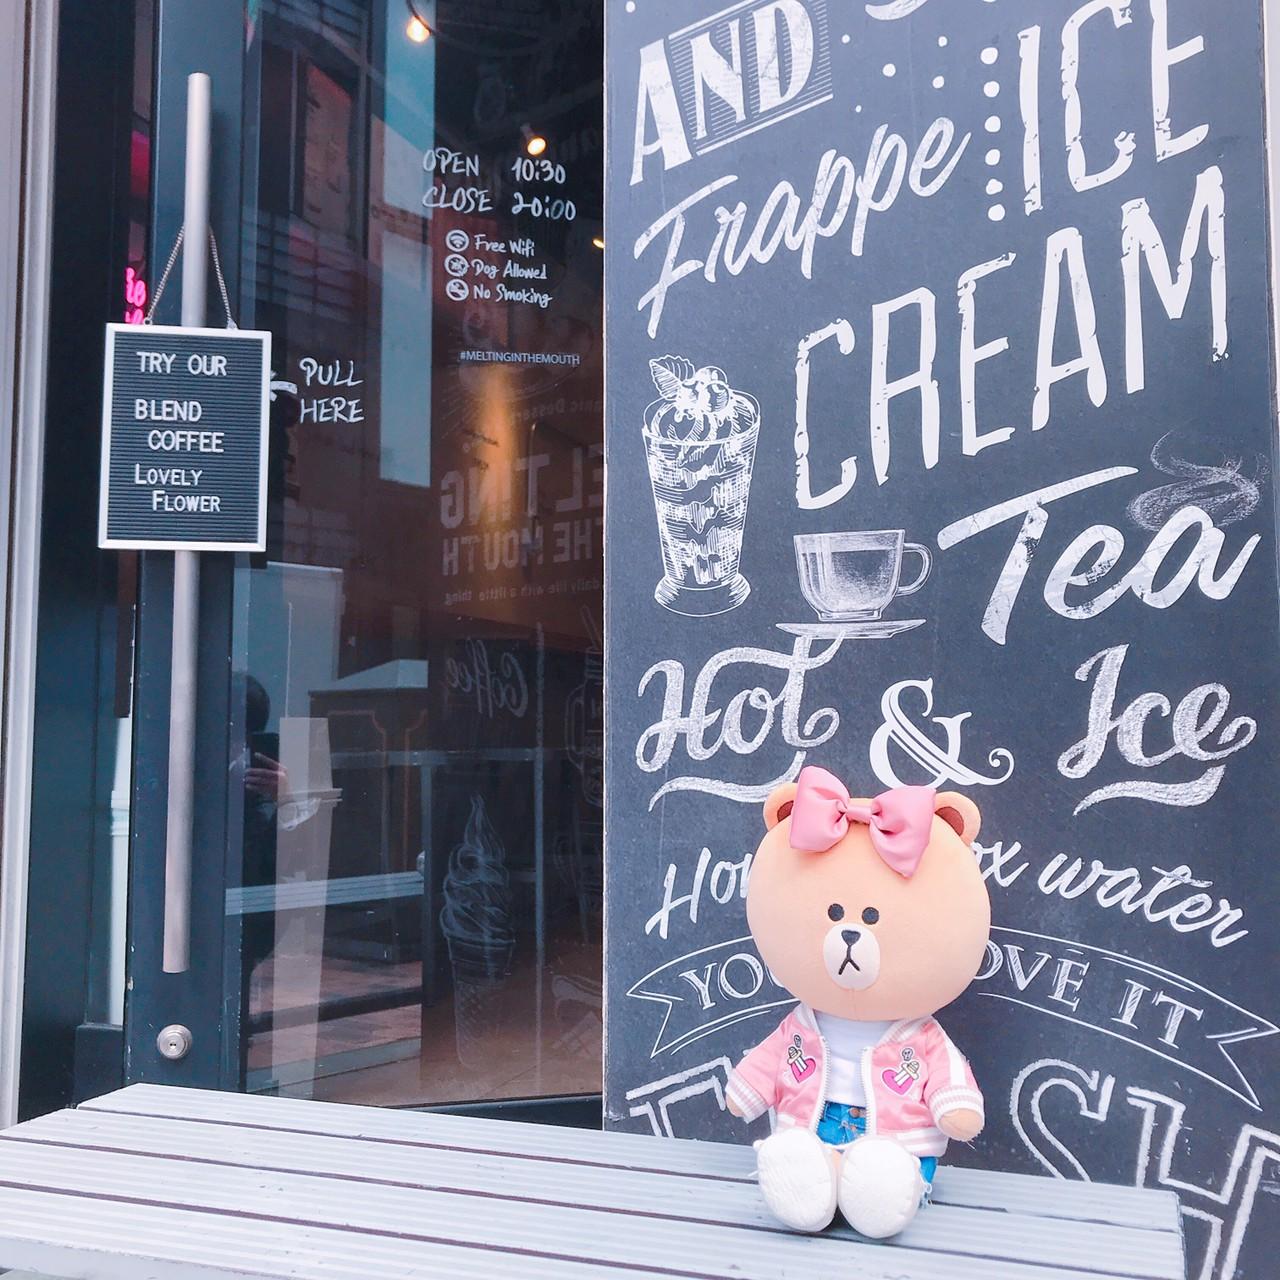 #ThisisCHOCO 【009】絵に描いたようなアイスが食べられる♡メルティングインザマウスで